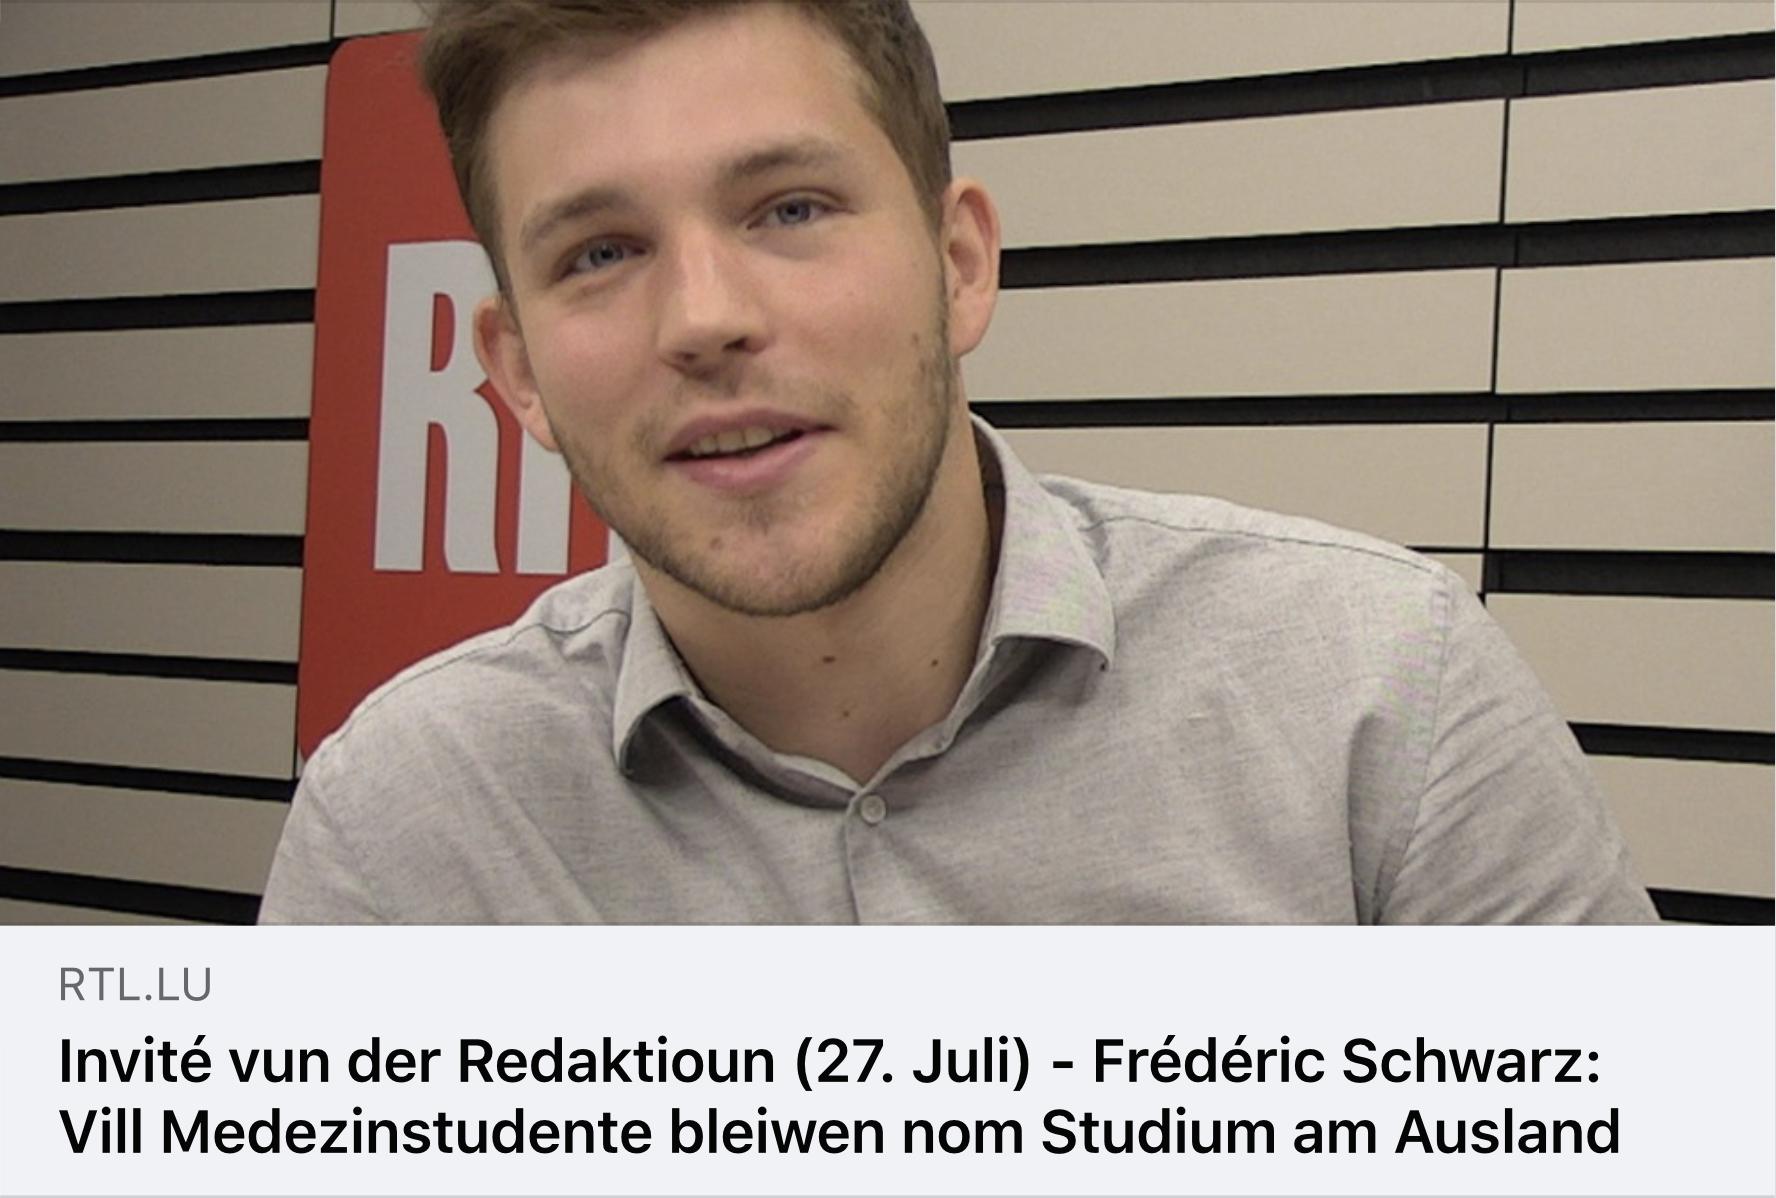 RTL- Invité vun der Redaktioun